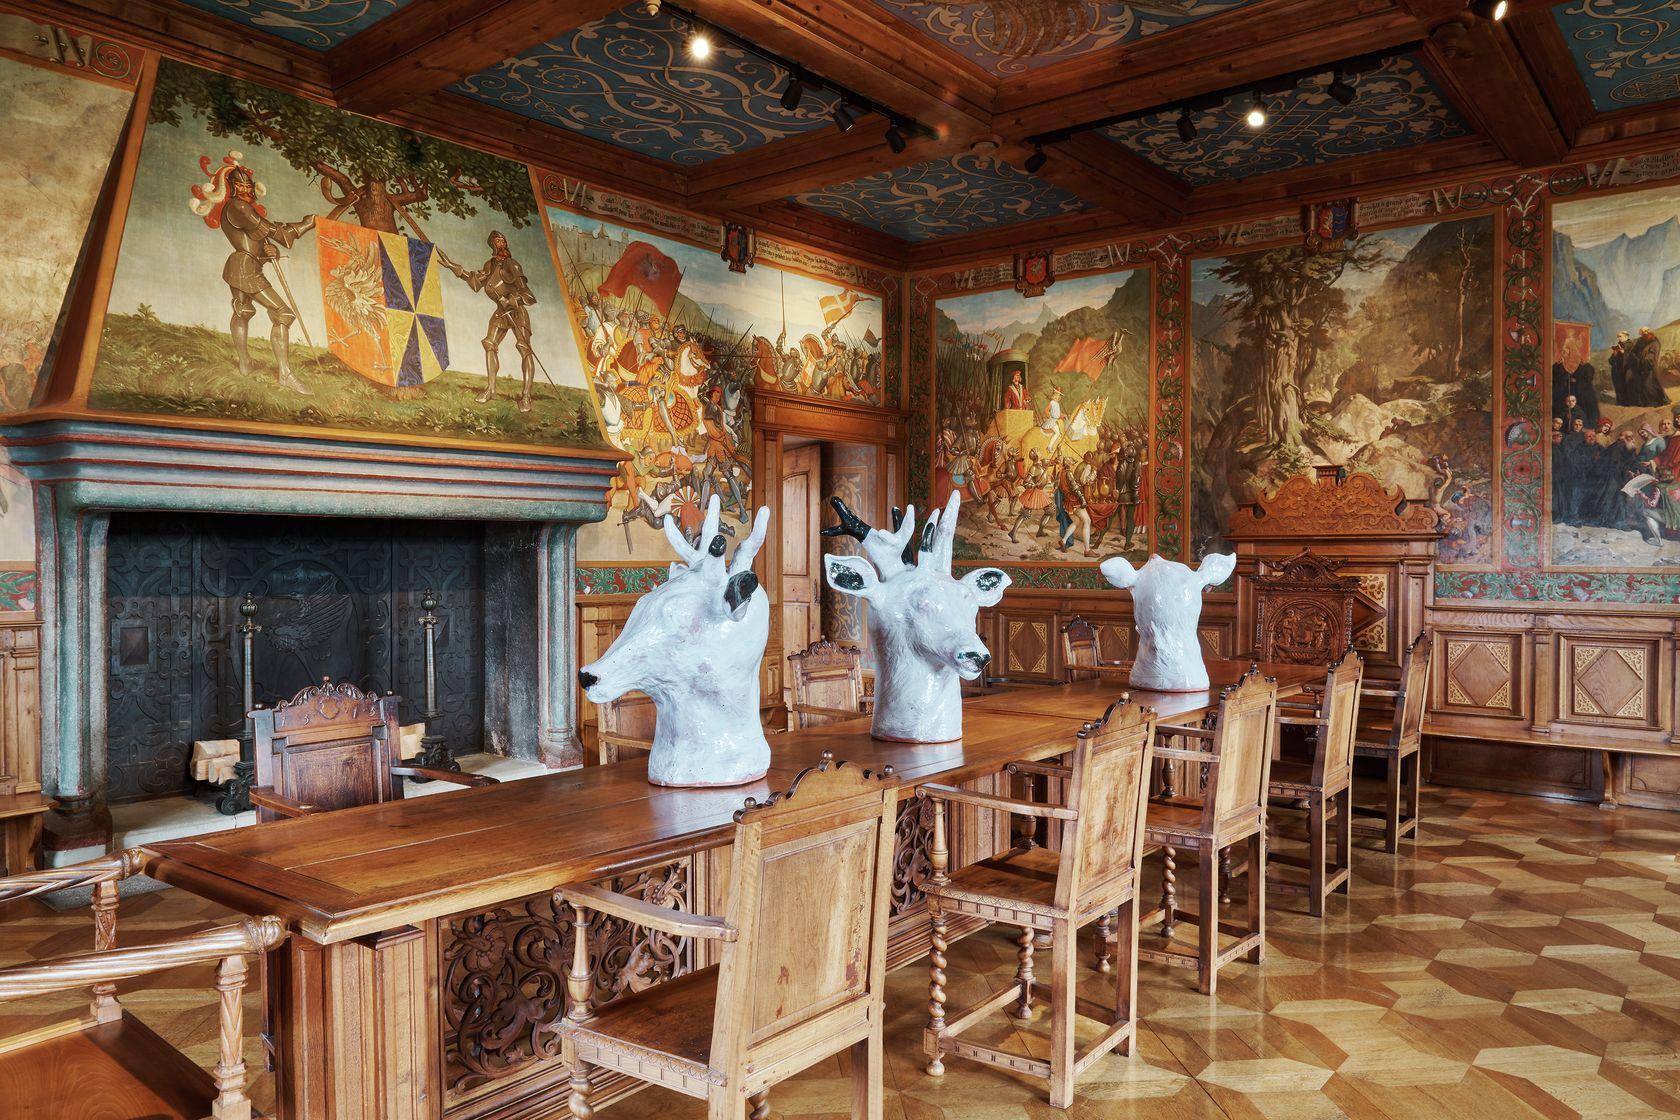 Françoise Pétrovitch, Yls, 2005 À bruits secrets, Château de Gruyères, Gruyères (CH) July 10 - October 17, 2021 ©Daniela &Tonatiuh